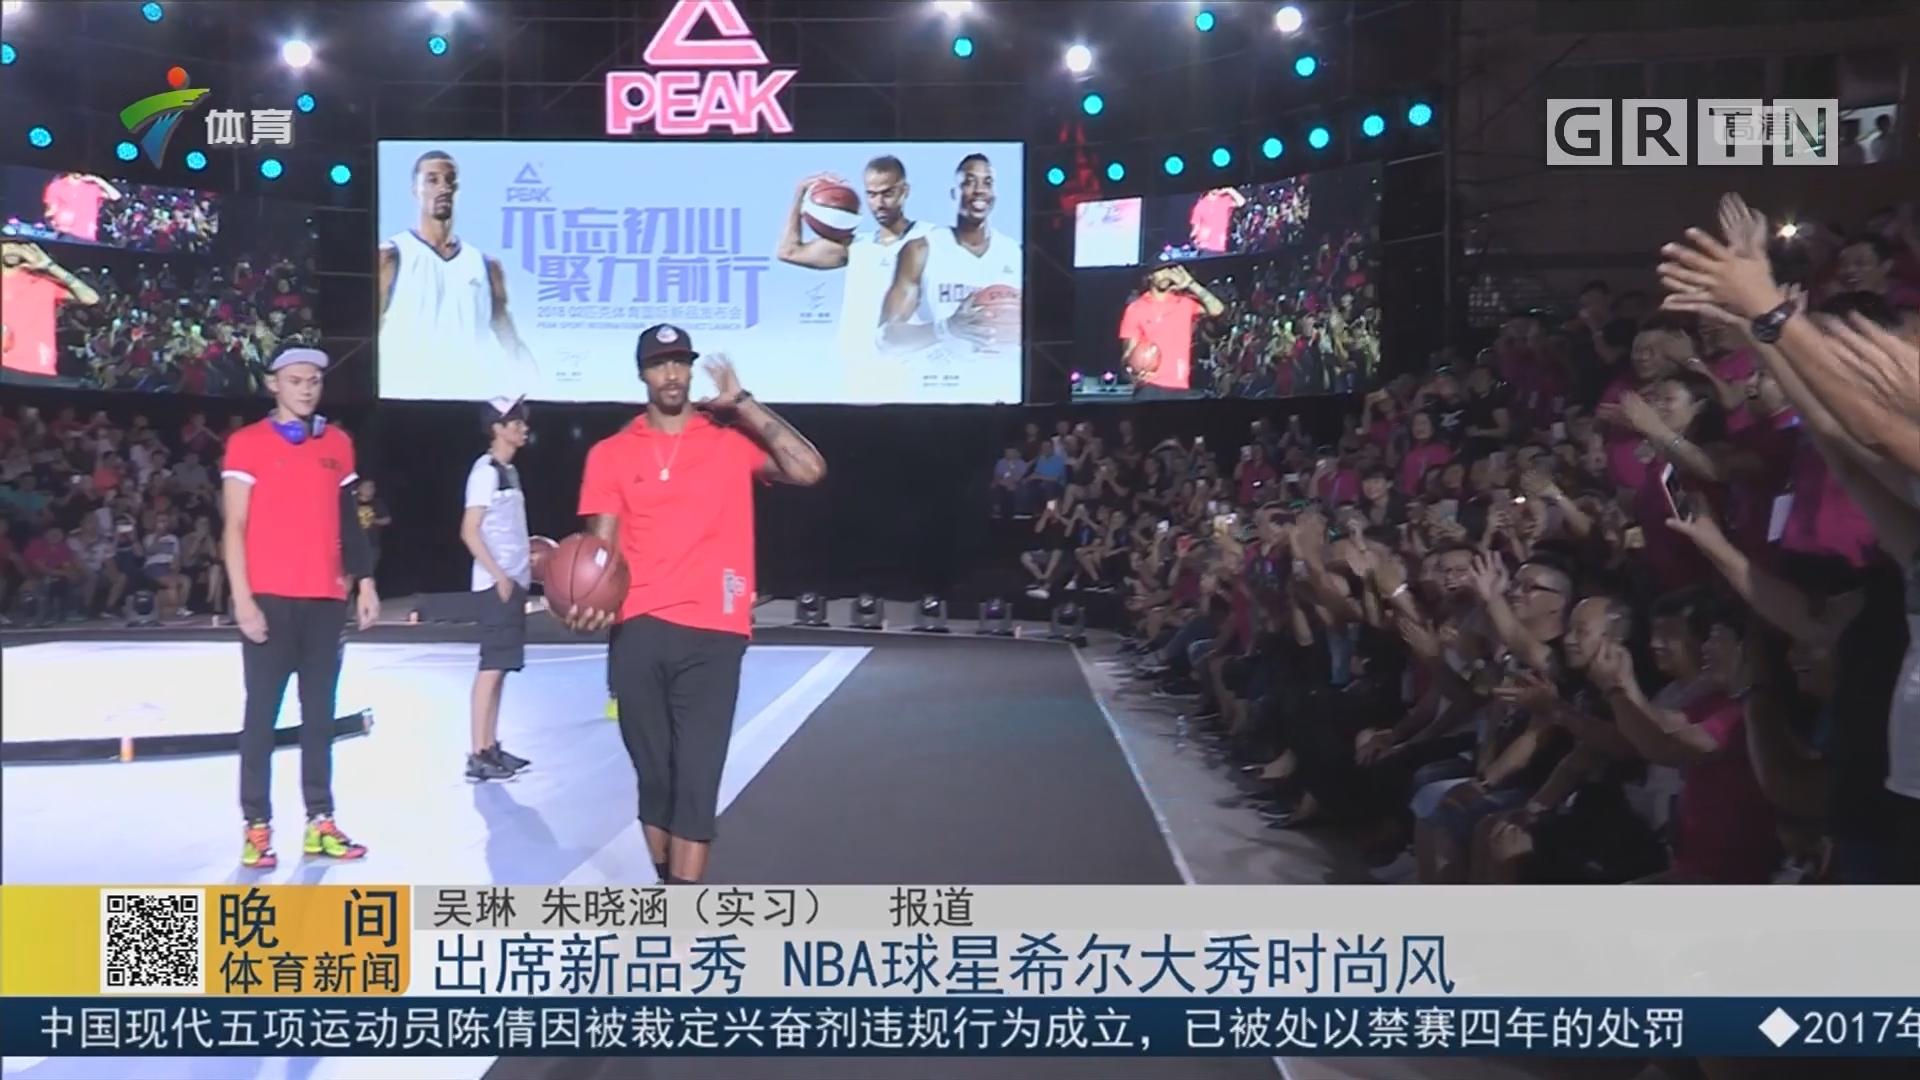 出席新品秀 NBA球星希尔大秀时尚风